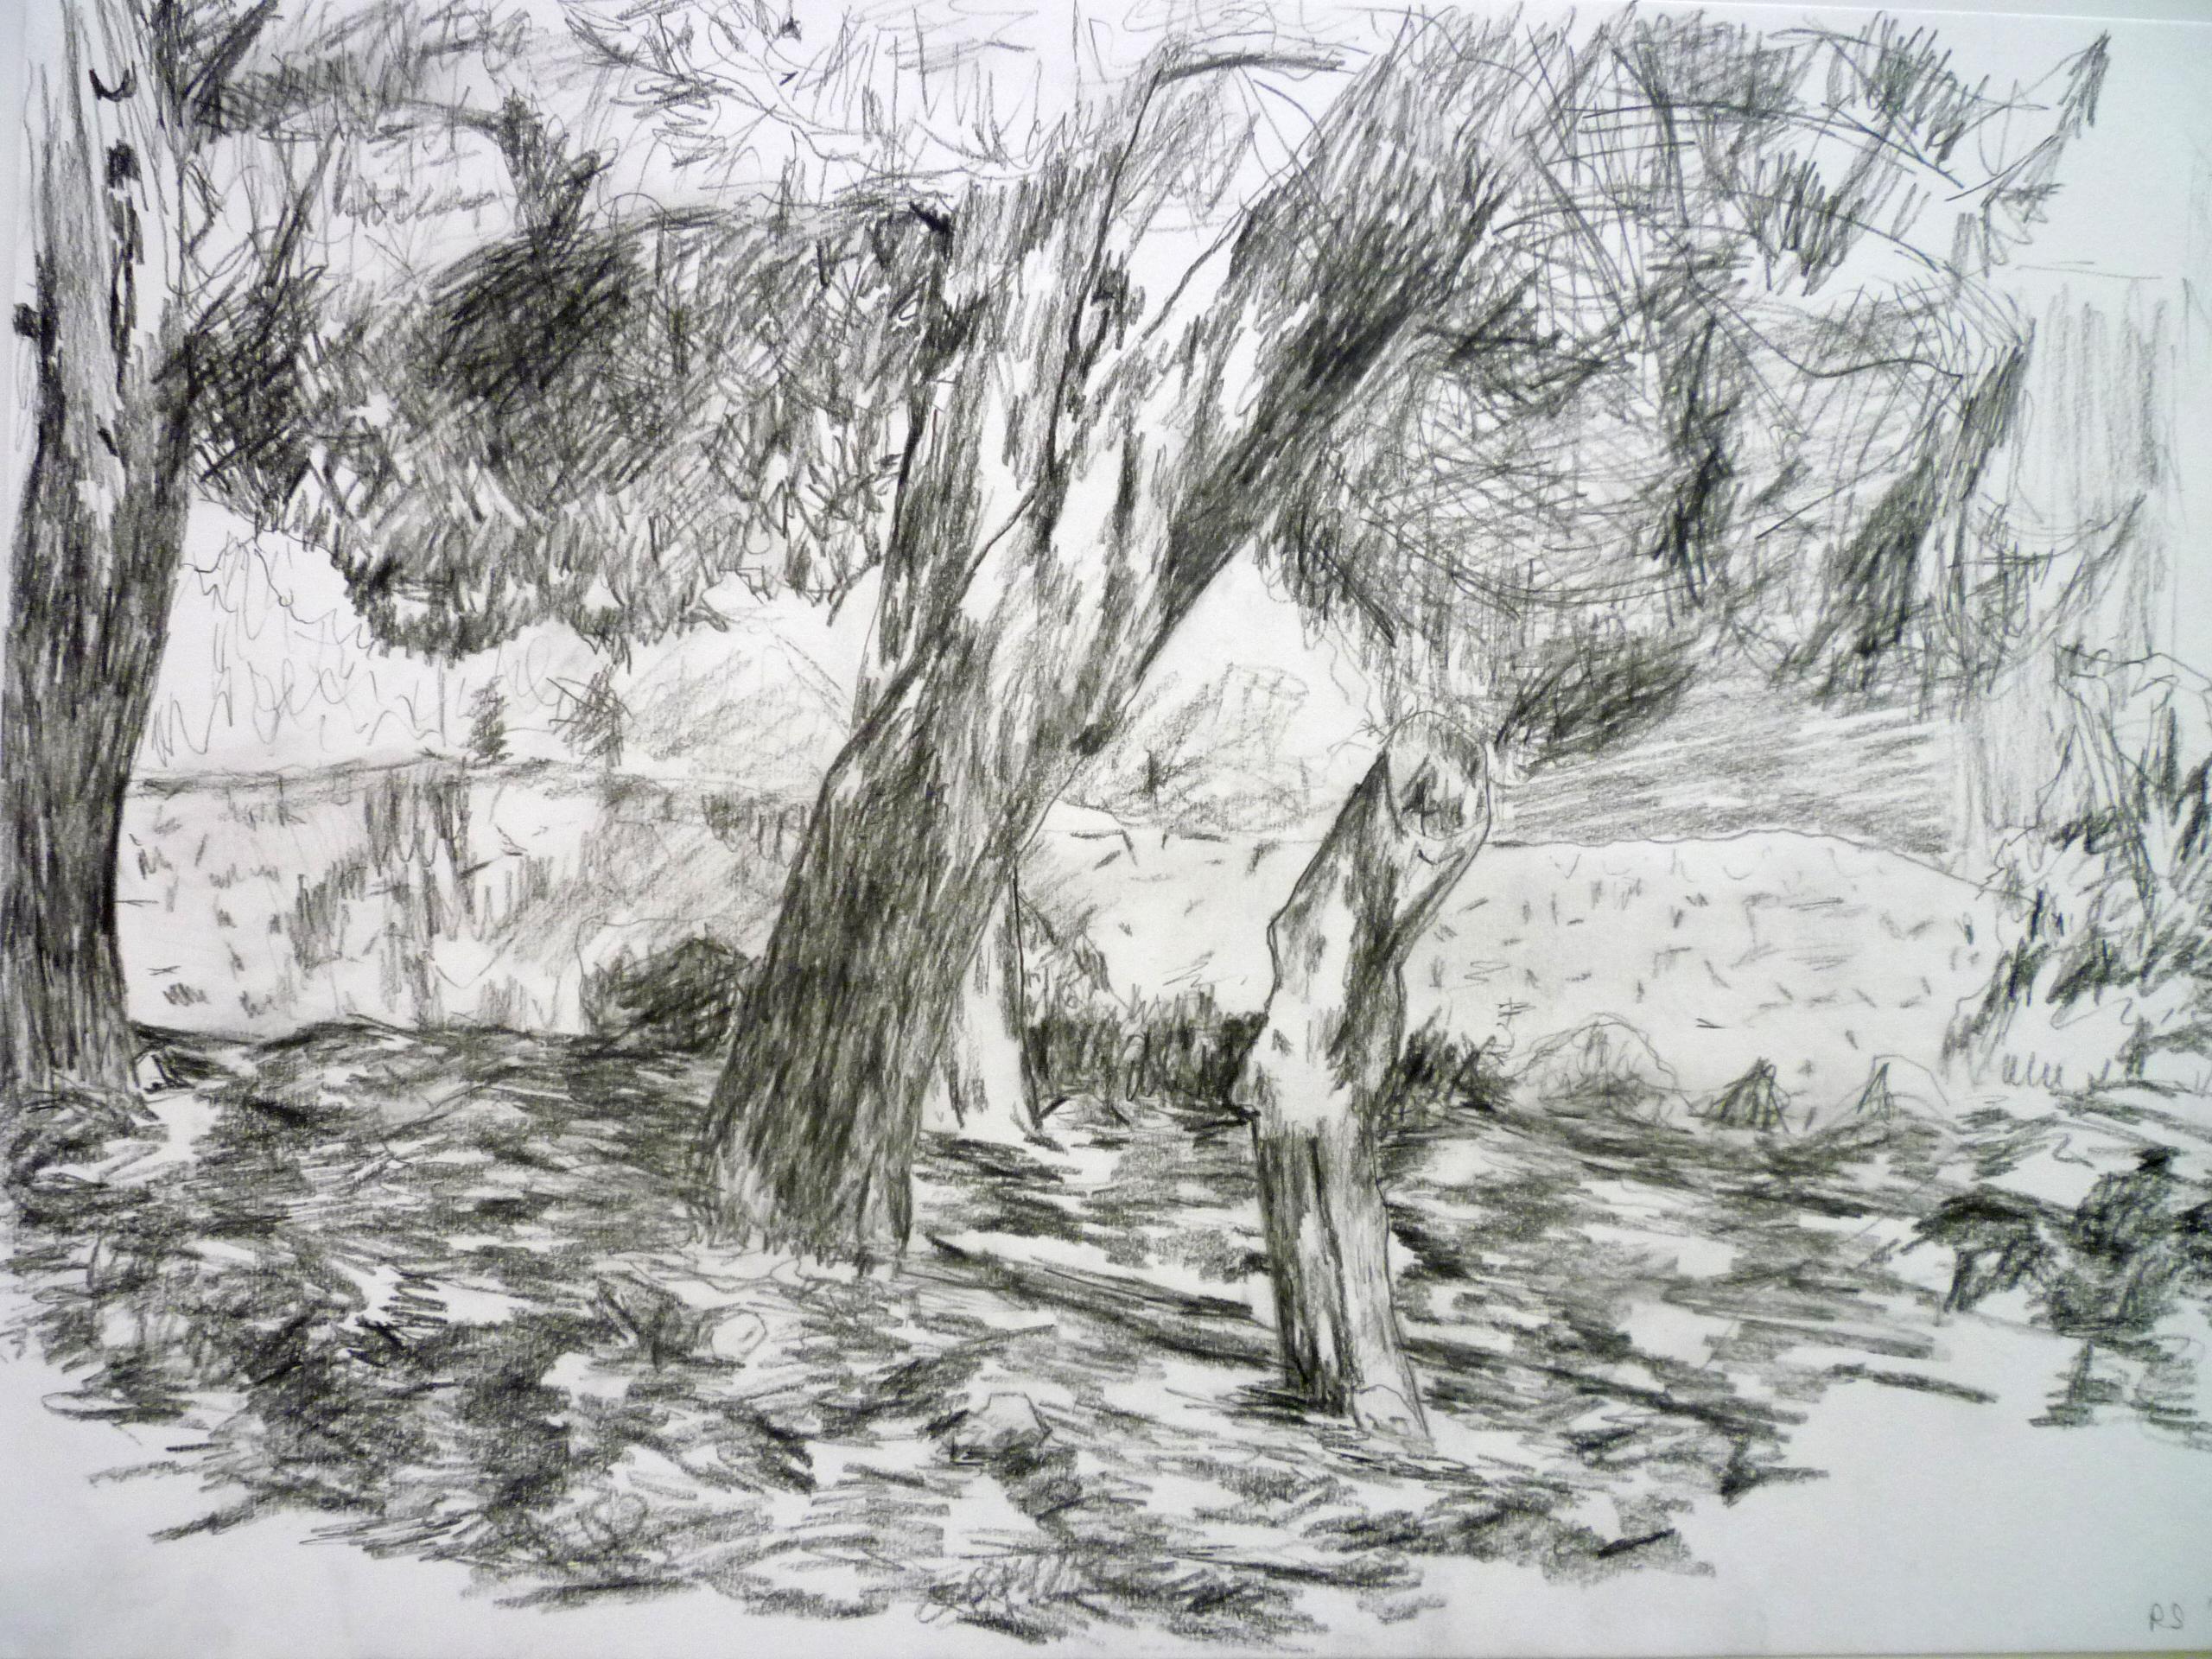 Landscape 30x 42cm [charcoal and pencil]